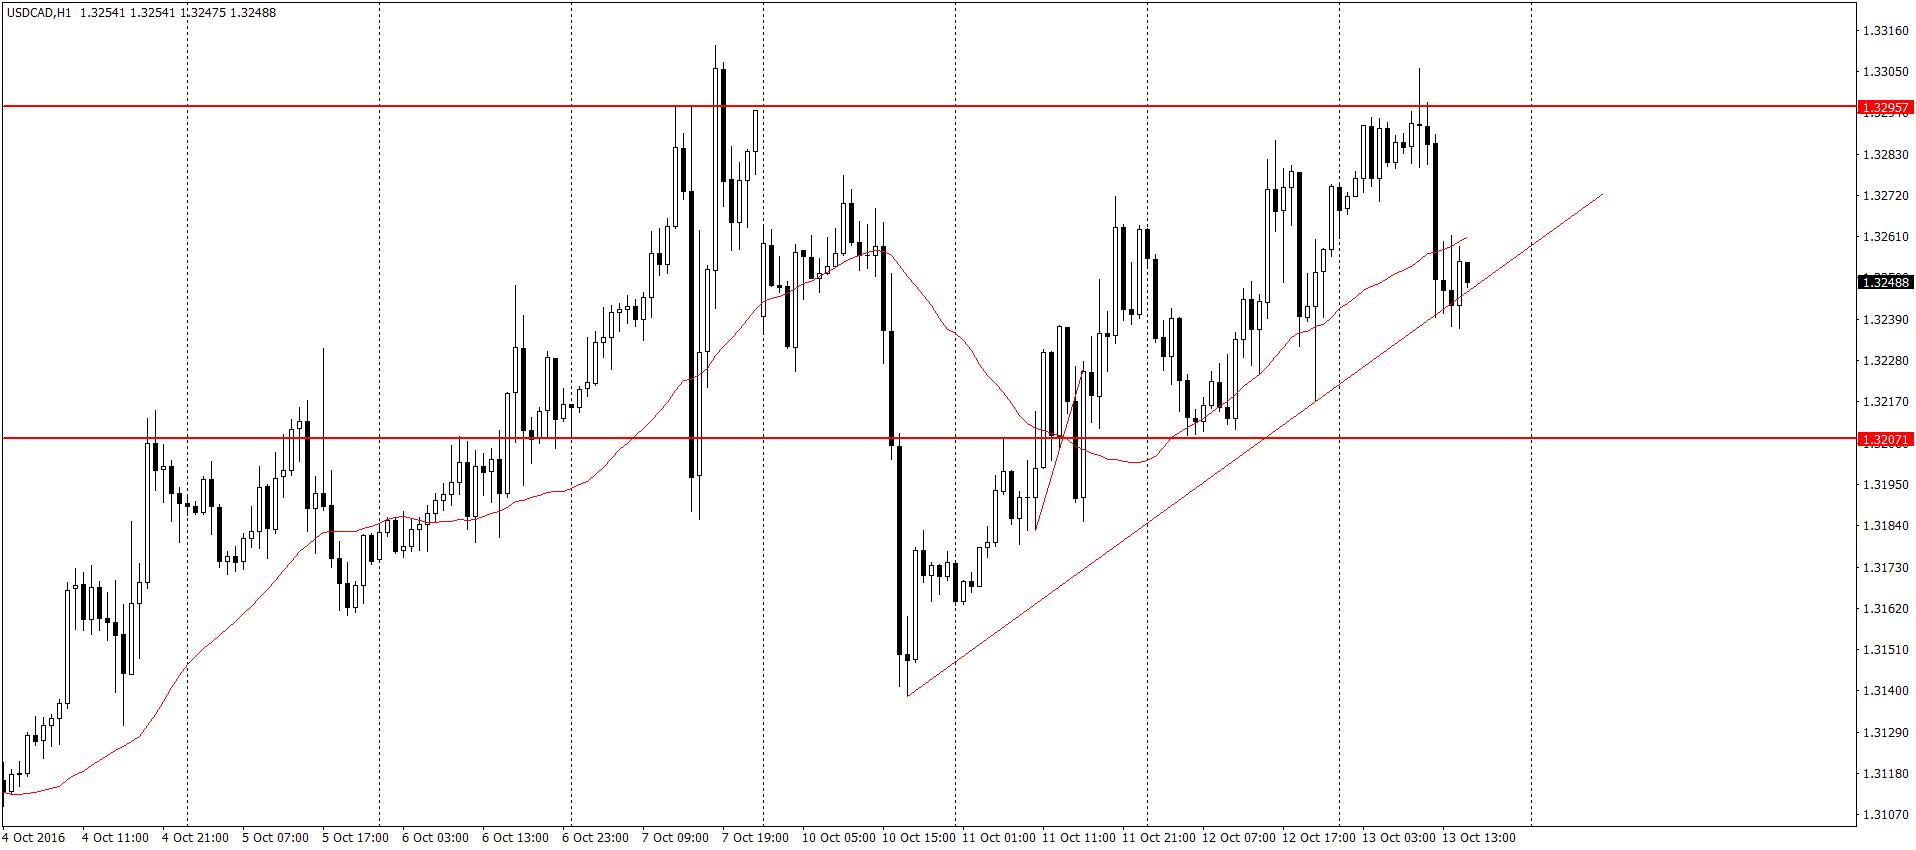 USD/CAD H1